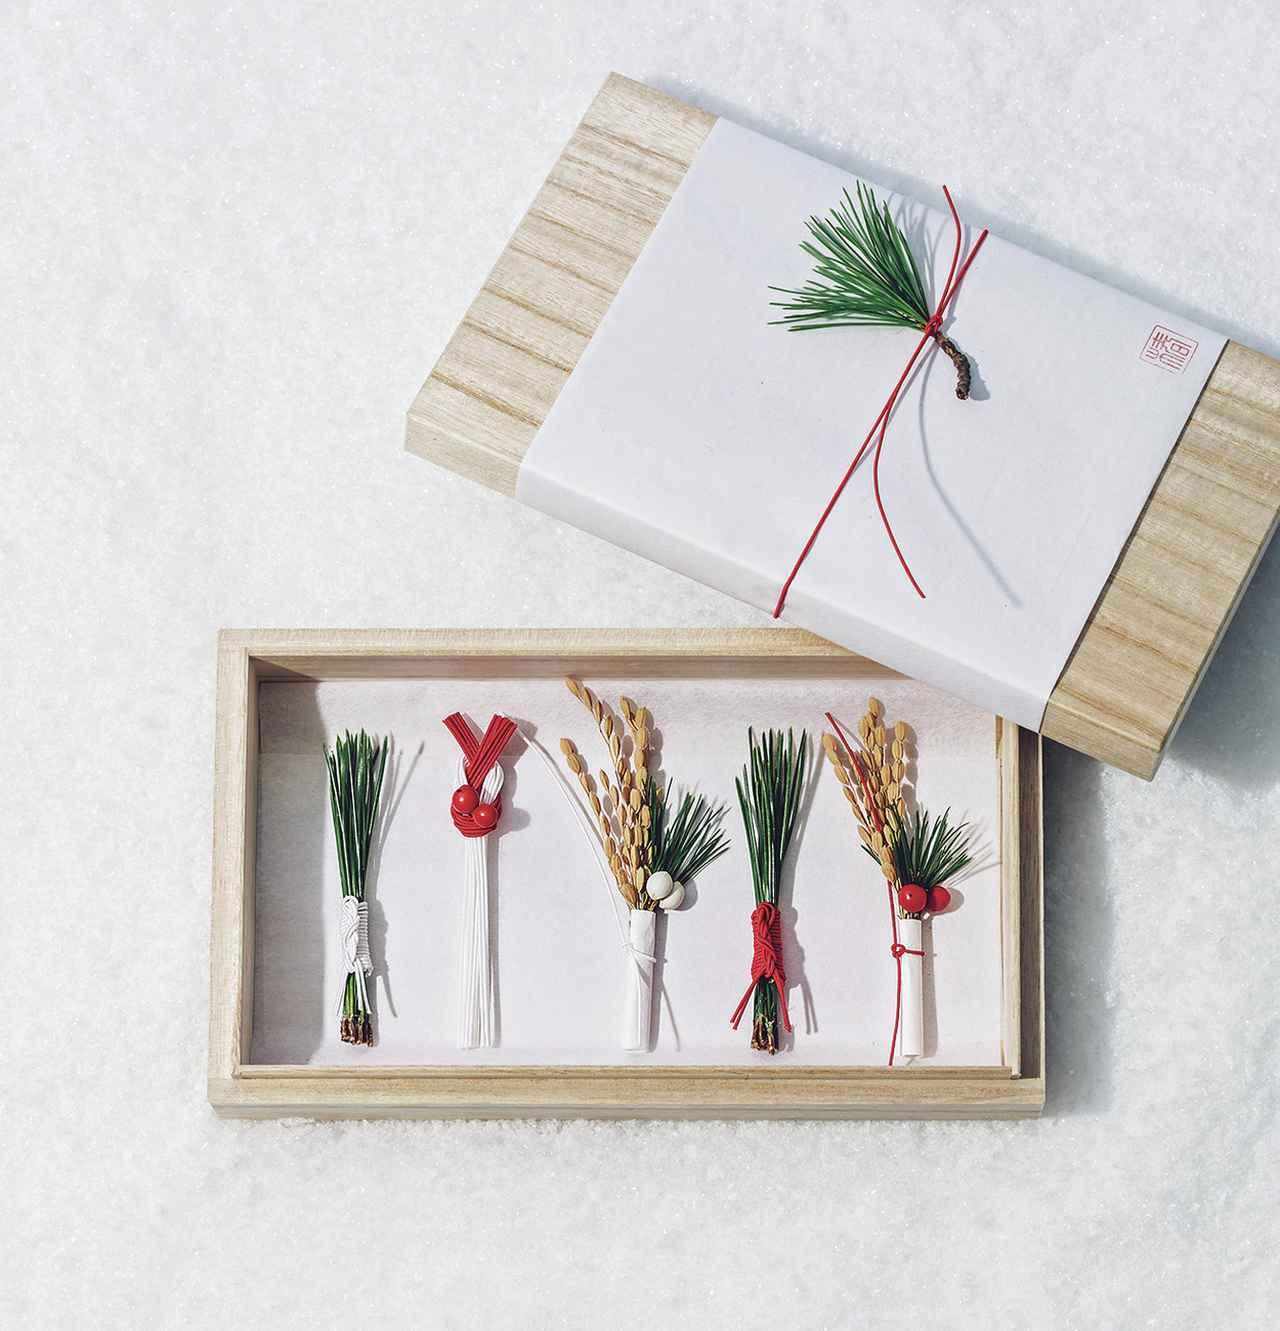 Images : 8番目の画像 - 「目利きが厳選。 大切な人へ届けたい 冬の贈り物 <Vol.1>」のアルバム - T JAPAN:The New York Times Style Magazine 公式サイト